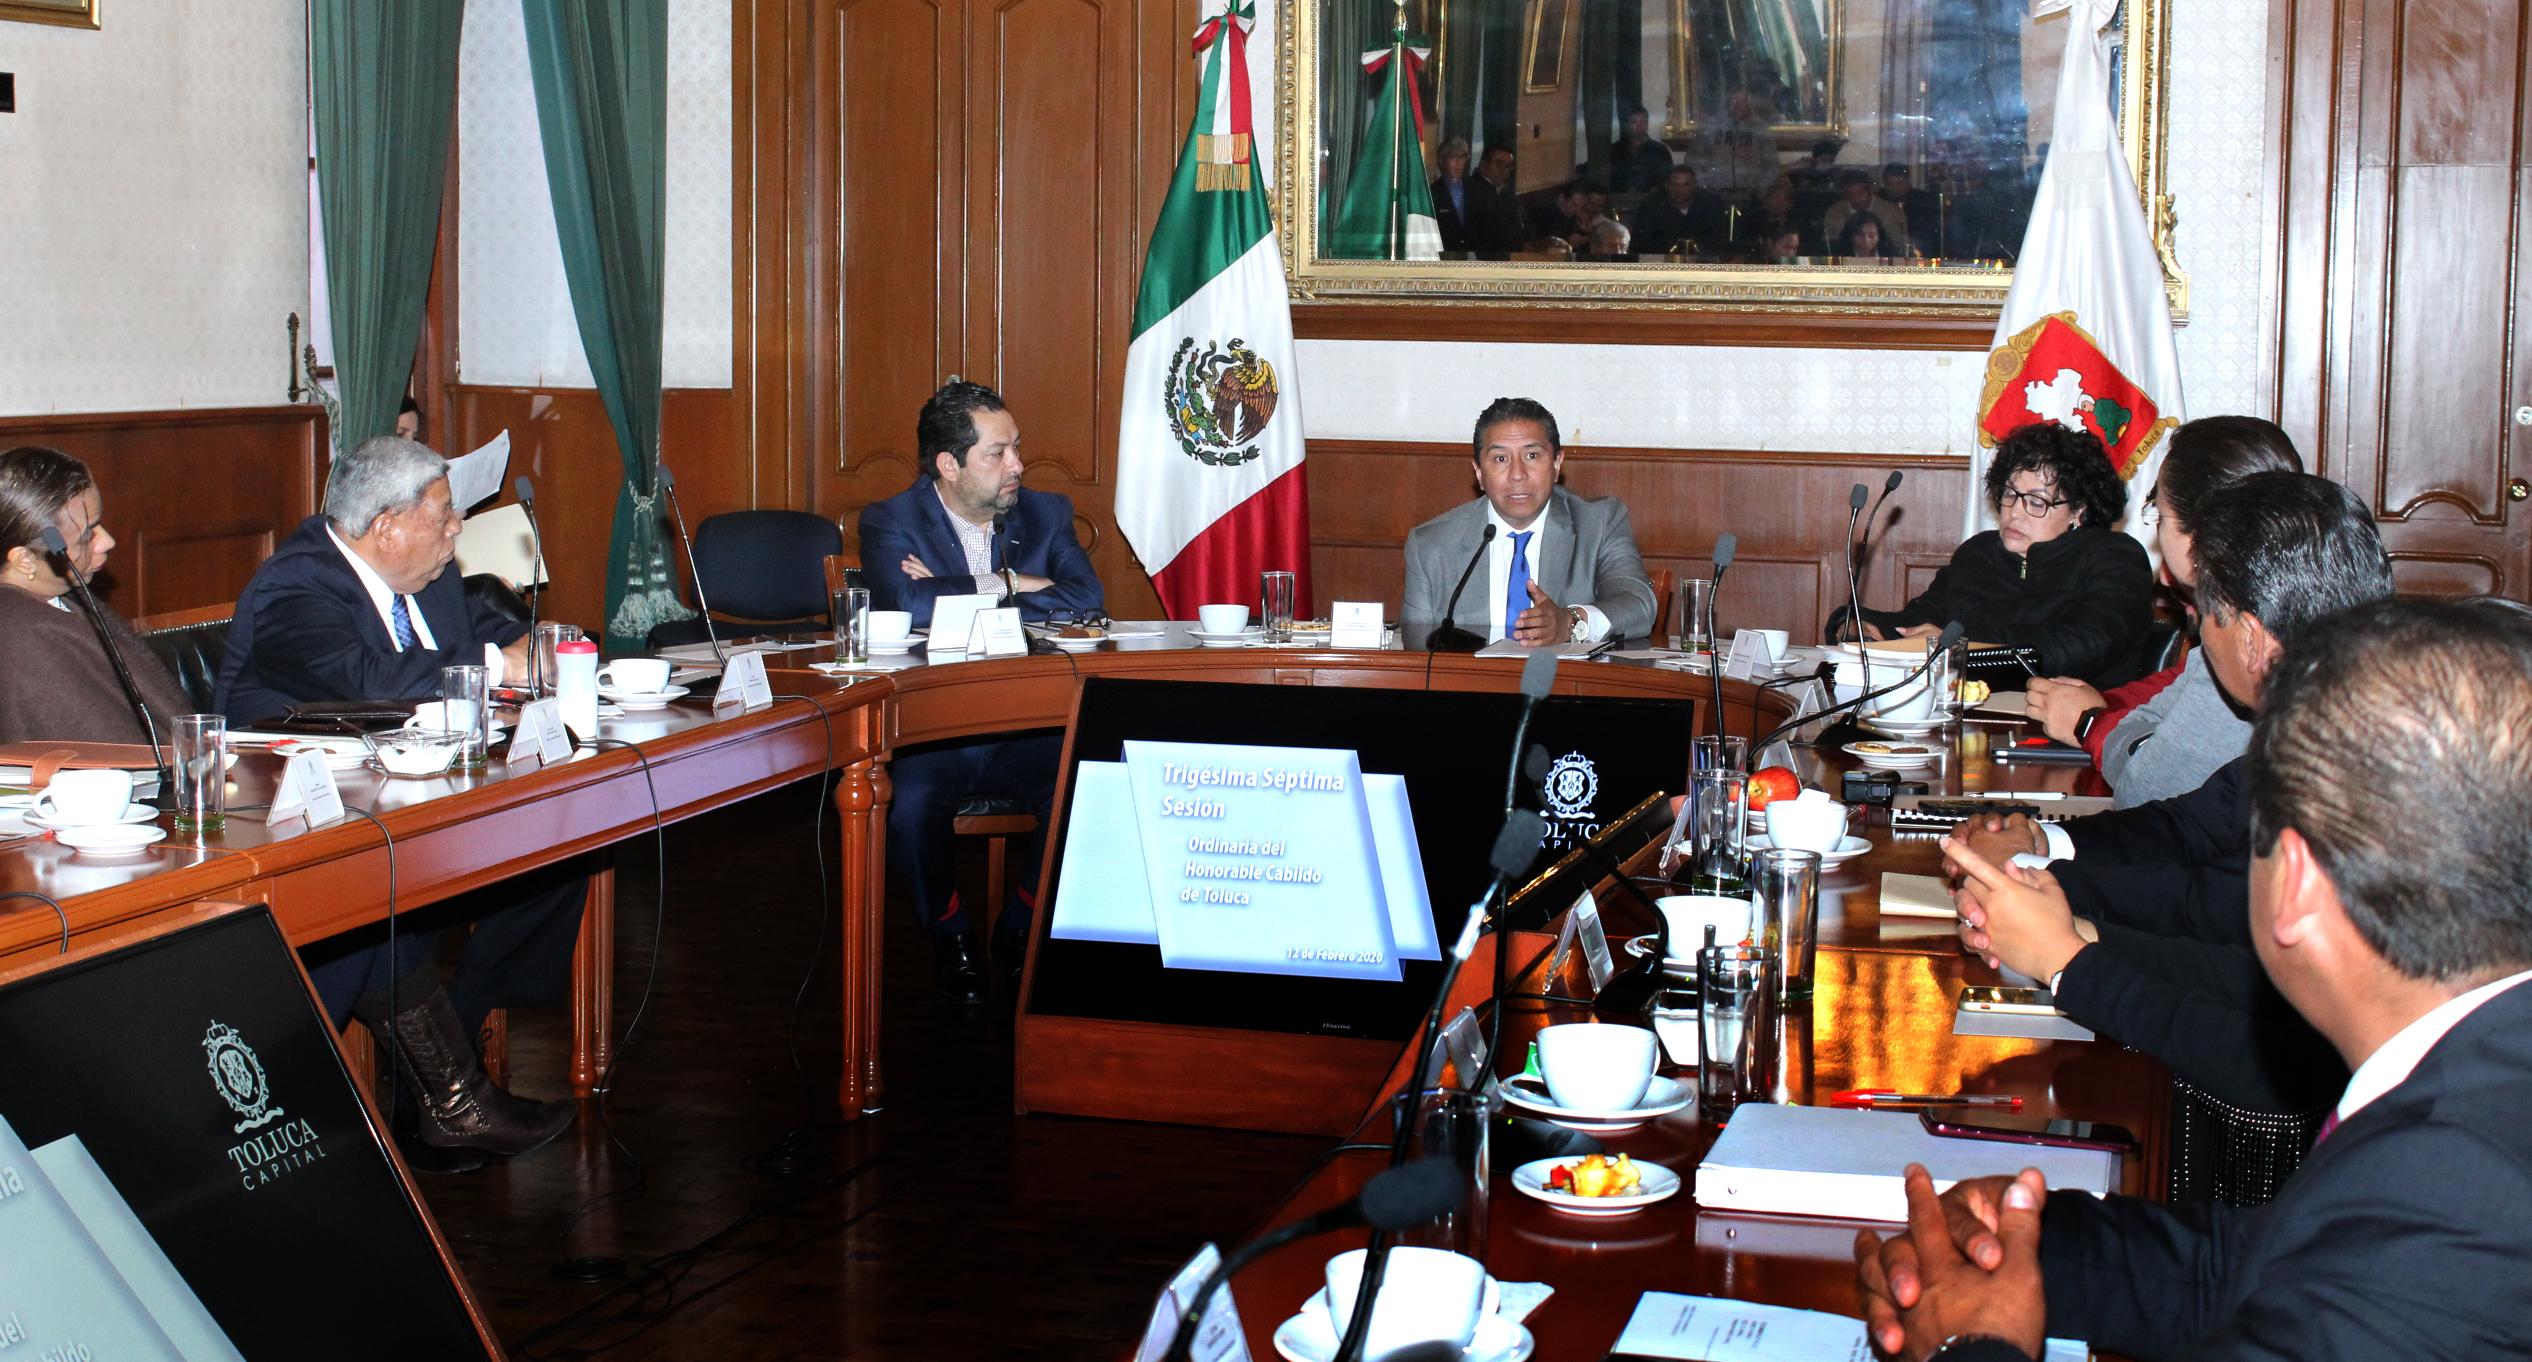 Realizará Toluca convenio con Almoloya de Juárez para precisión de límites territoriales